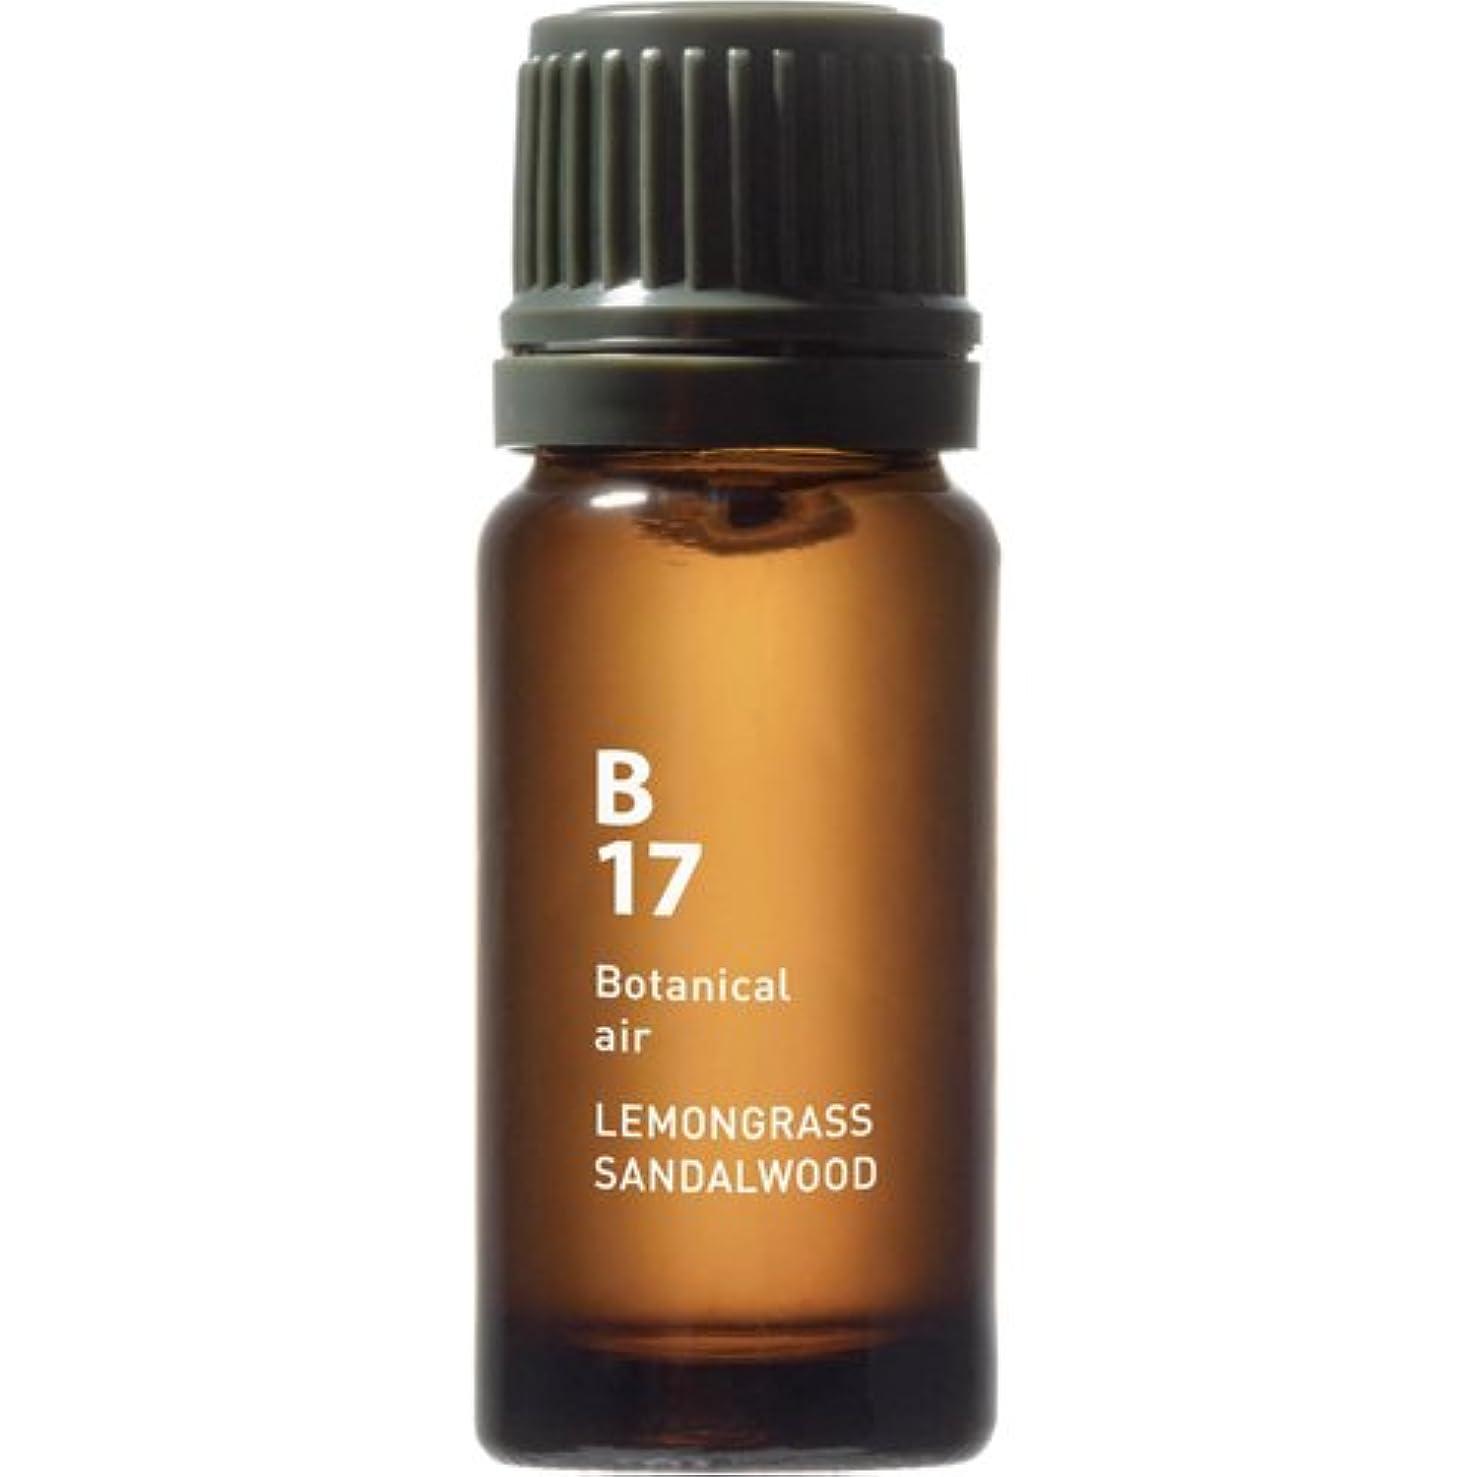 ダブル反応する魂B17 レモングラスサンダルウッド Botanical air(ボタニカルエアー) 10ml